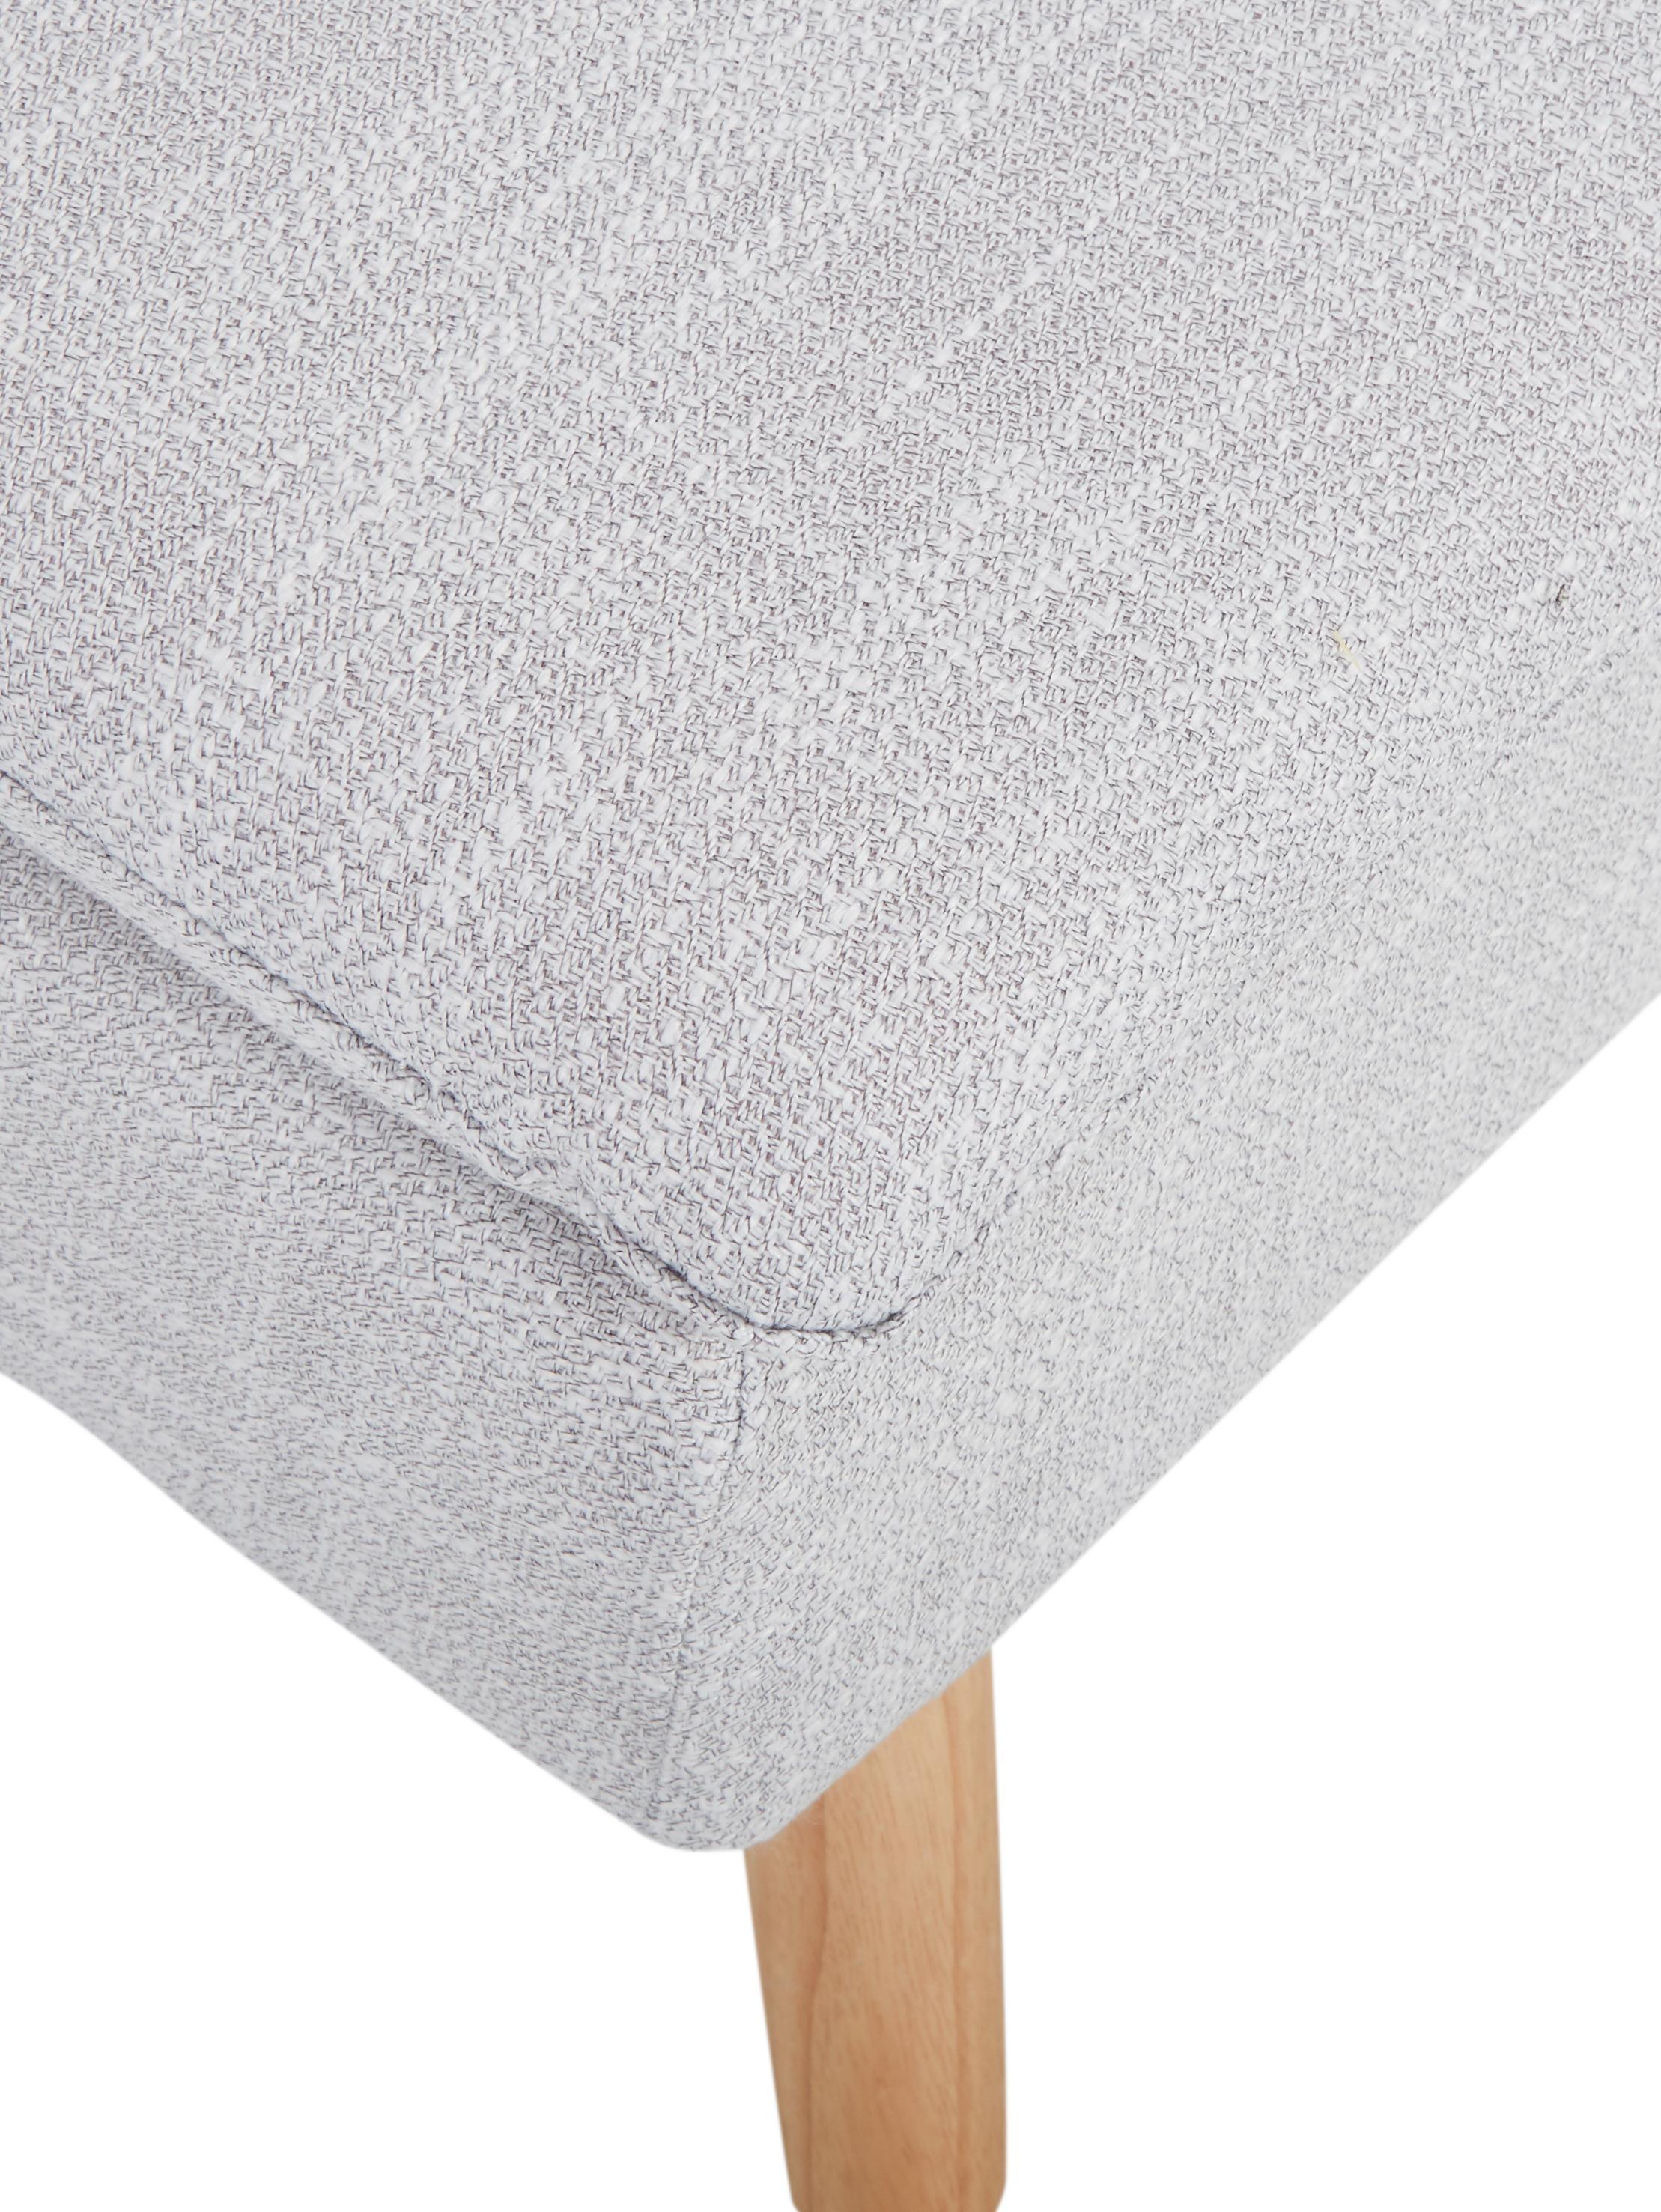 Schlafsofa Amelie, Bezug: Polyester Der hochwertige, Gestell: Kiefernholz Dichte 35 kg/, Füße: Kautschukholz, Webstoff Hellgrau, 200 x 79 cm